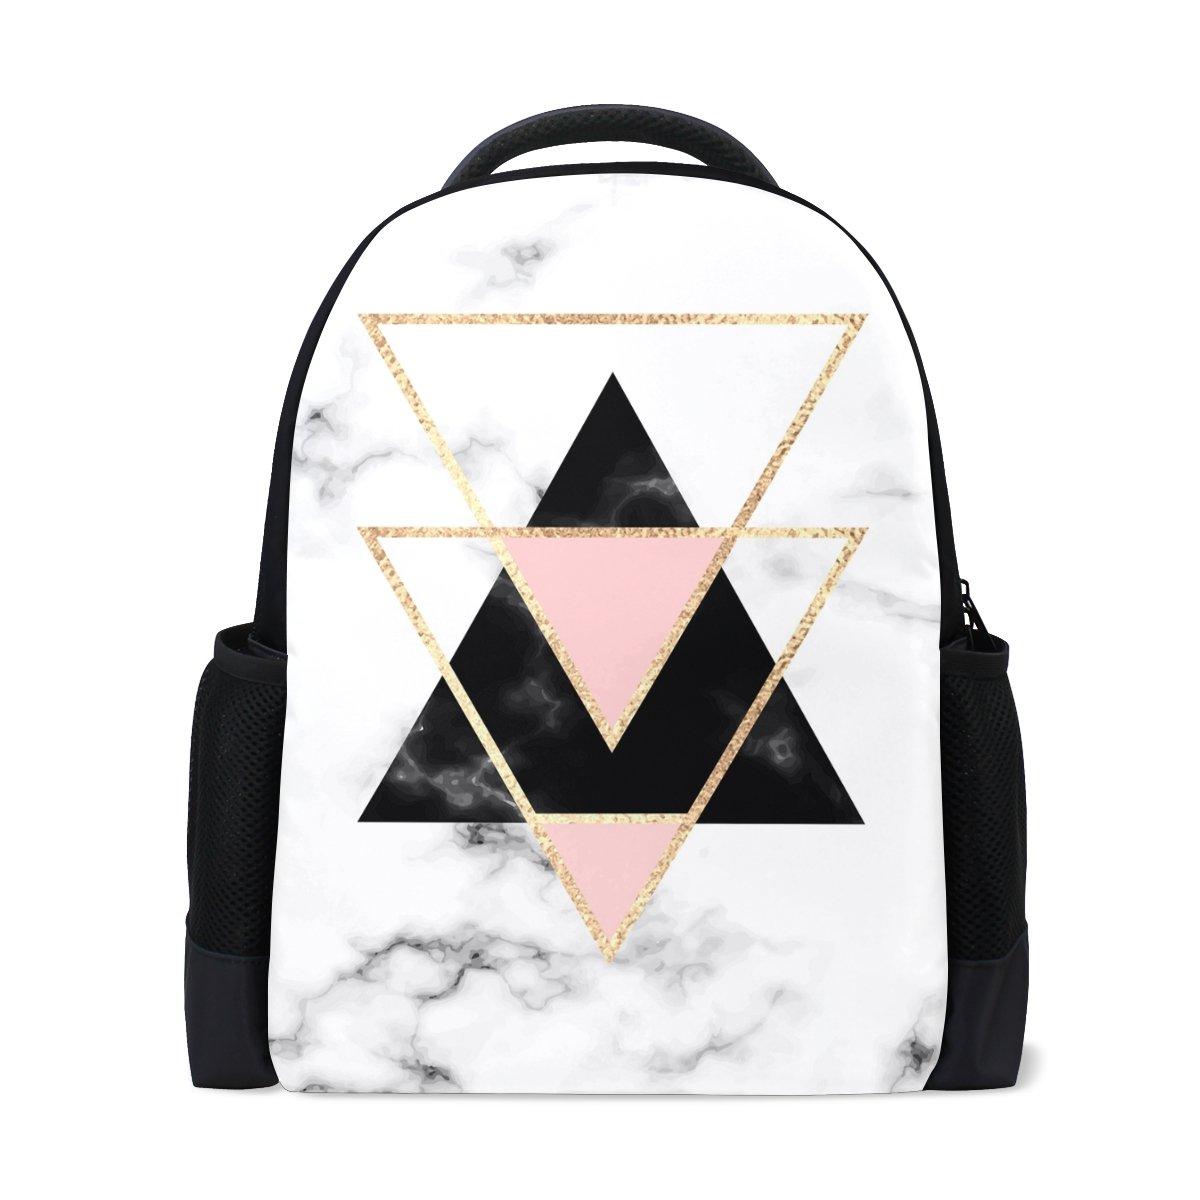 ALAZA Geometry Marble Casual Backpack Waterproof Travel Daypack School Bag